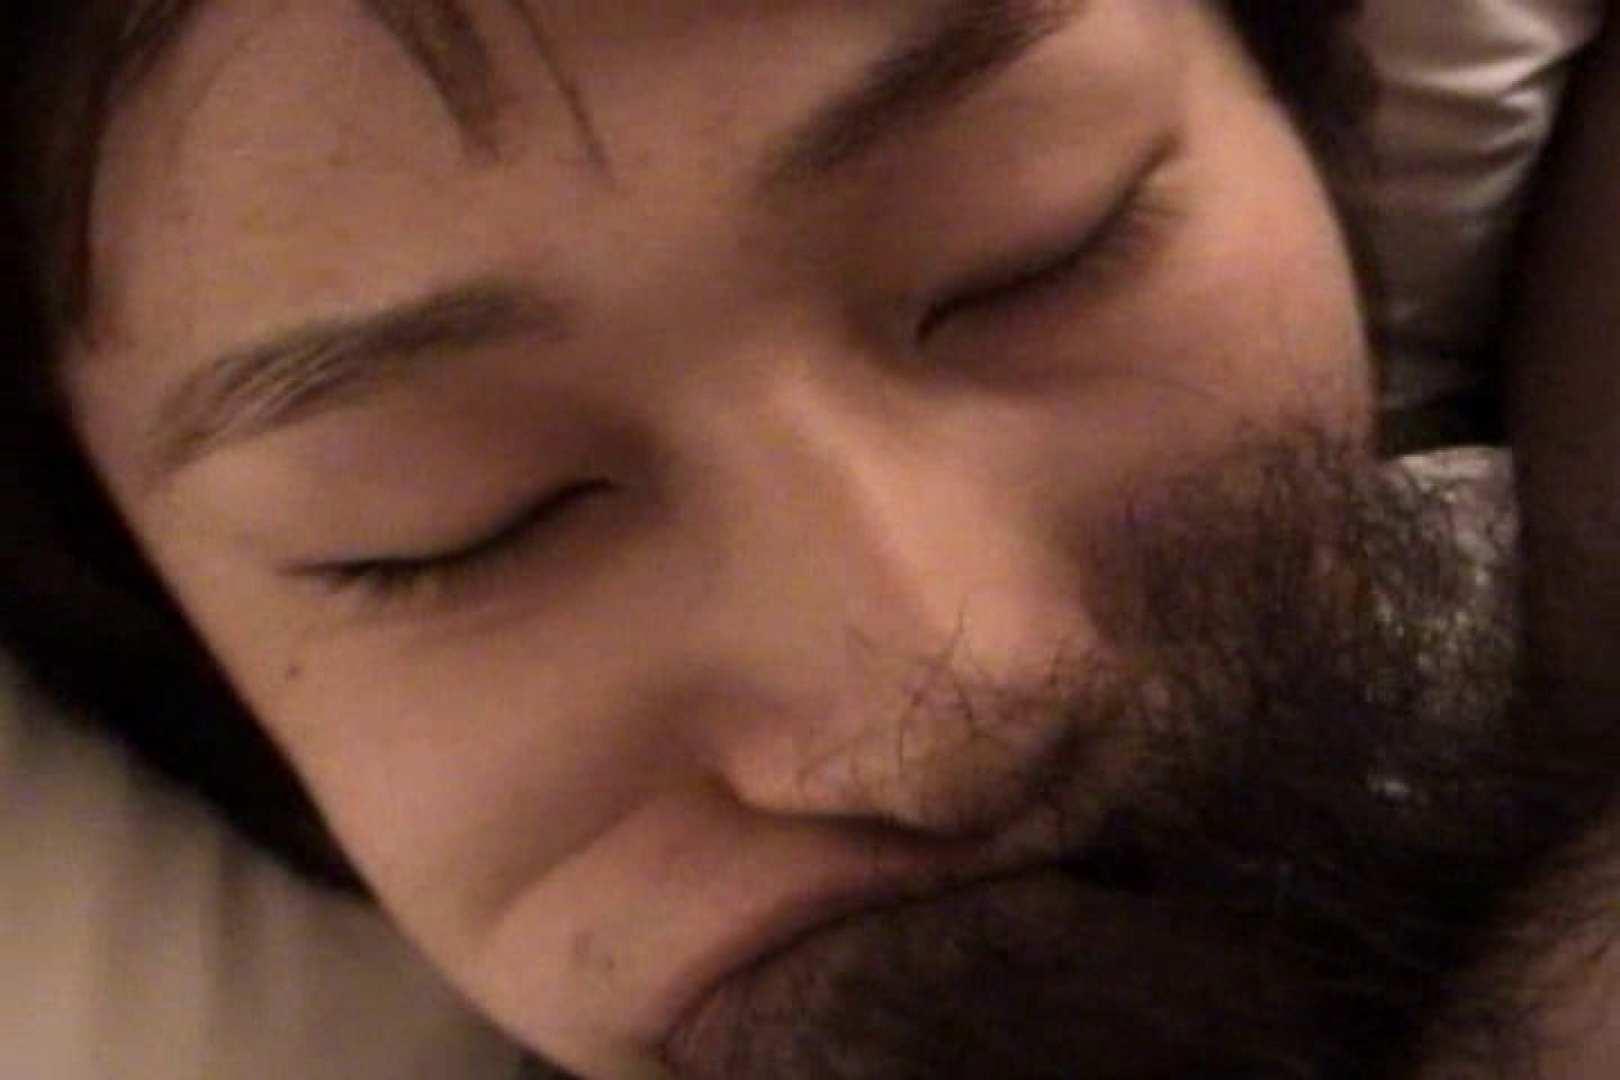 三ツ星シリーズ 魅惑のMemorial Night!! vol.02 三ツ星盗撮 ゲイモロ画像 47pic 23